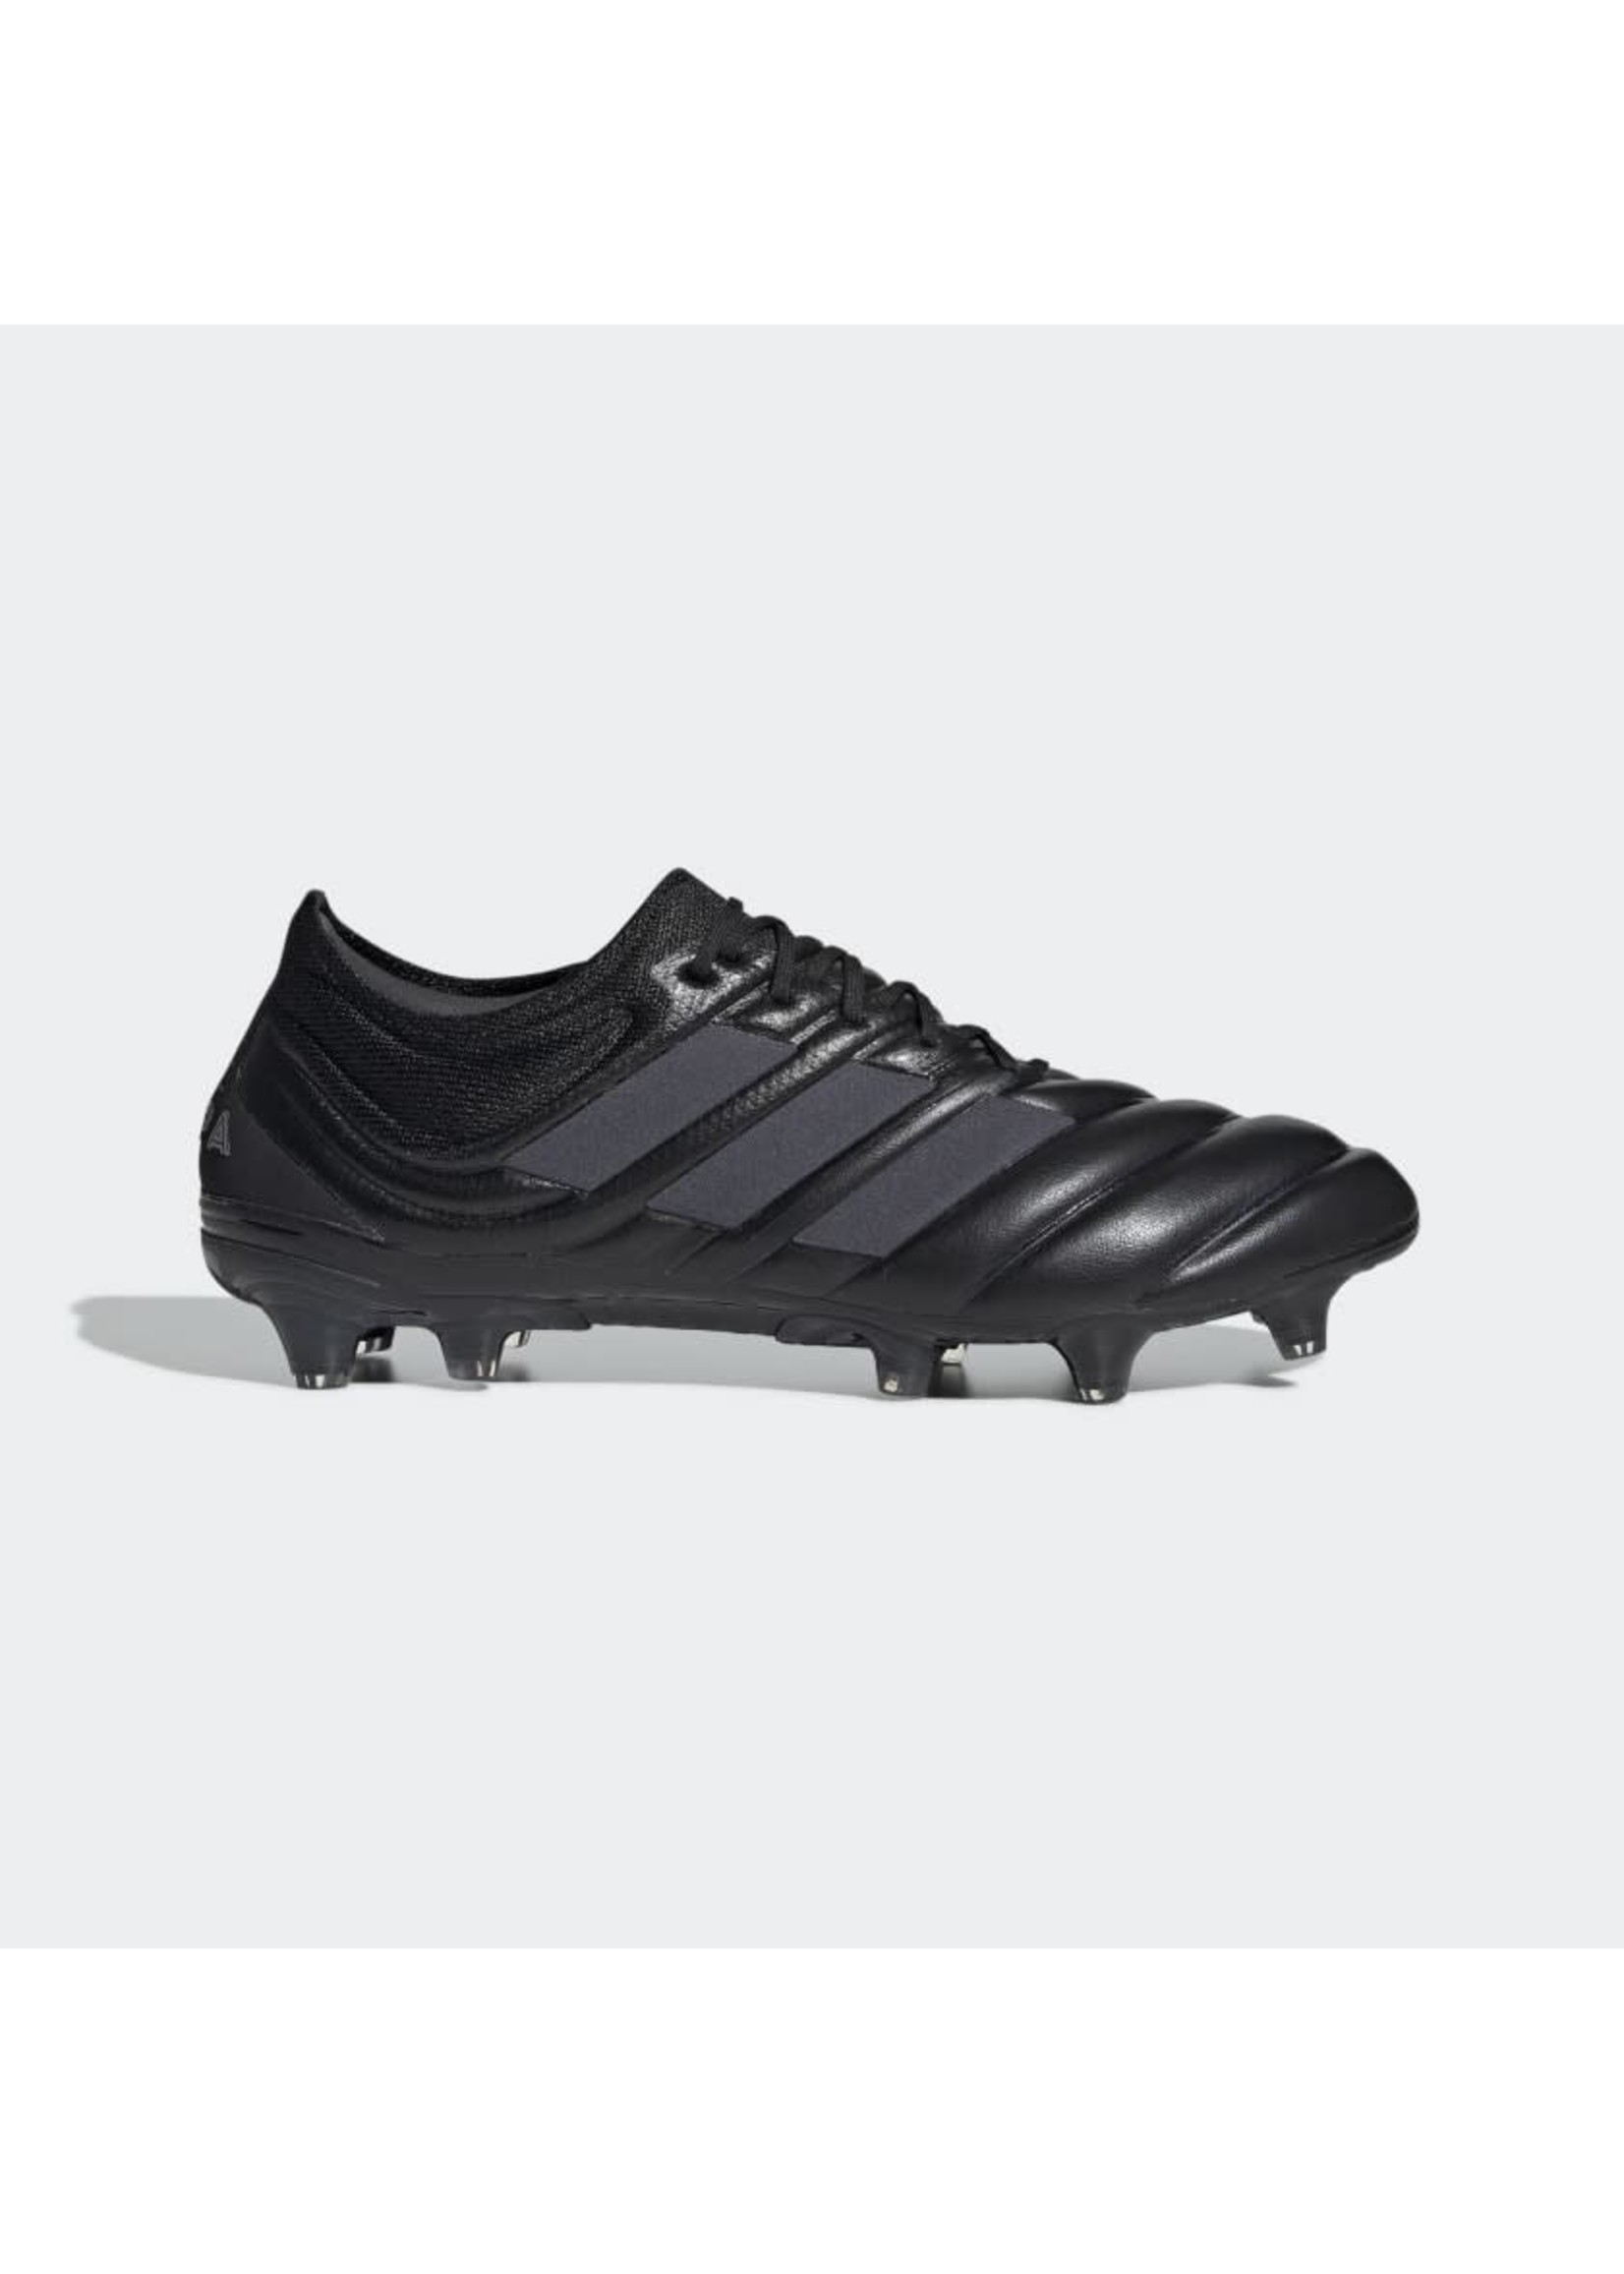 Adidas Copa 19.1 FG - Black/Black